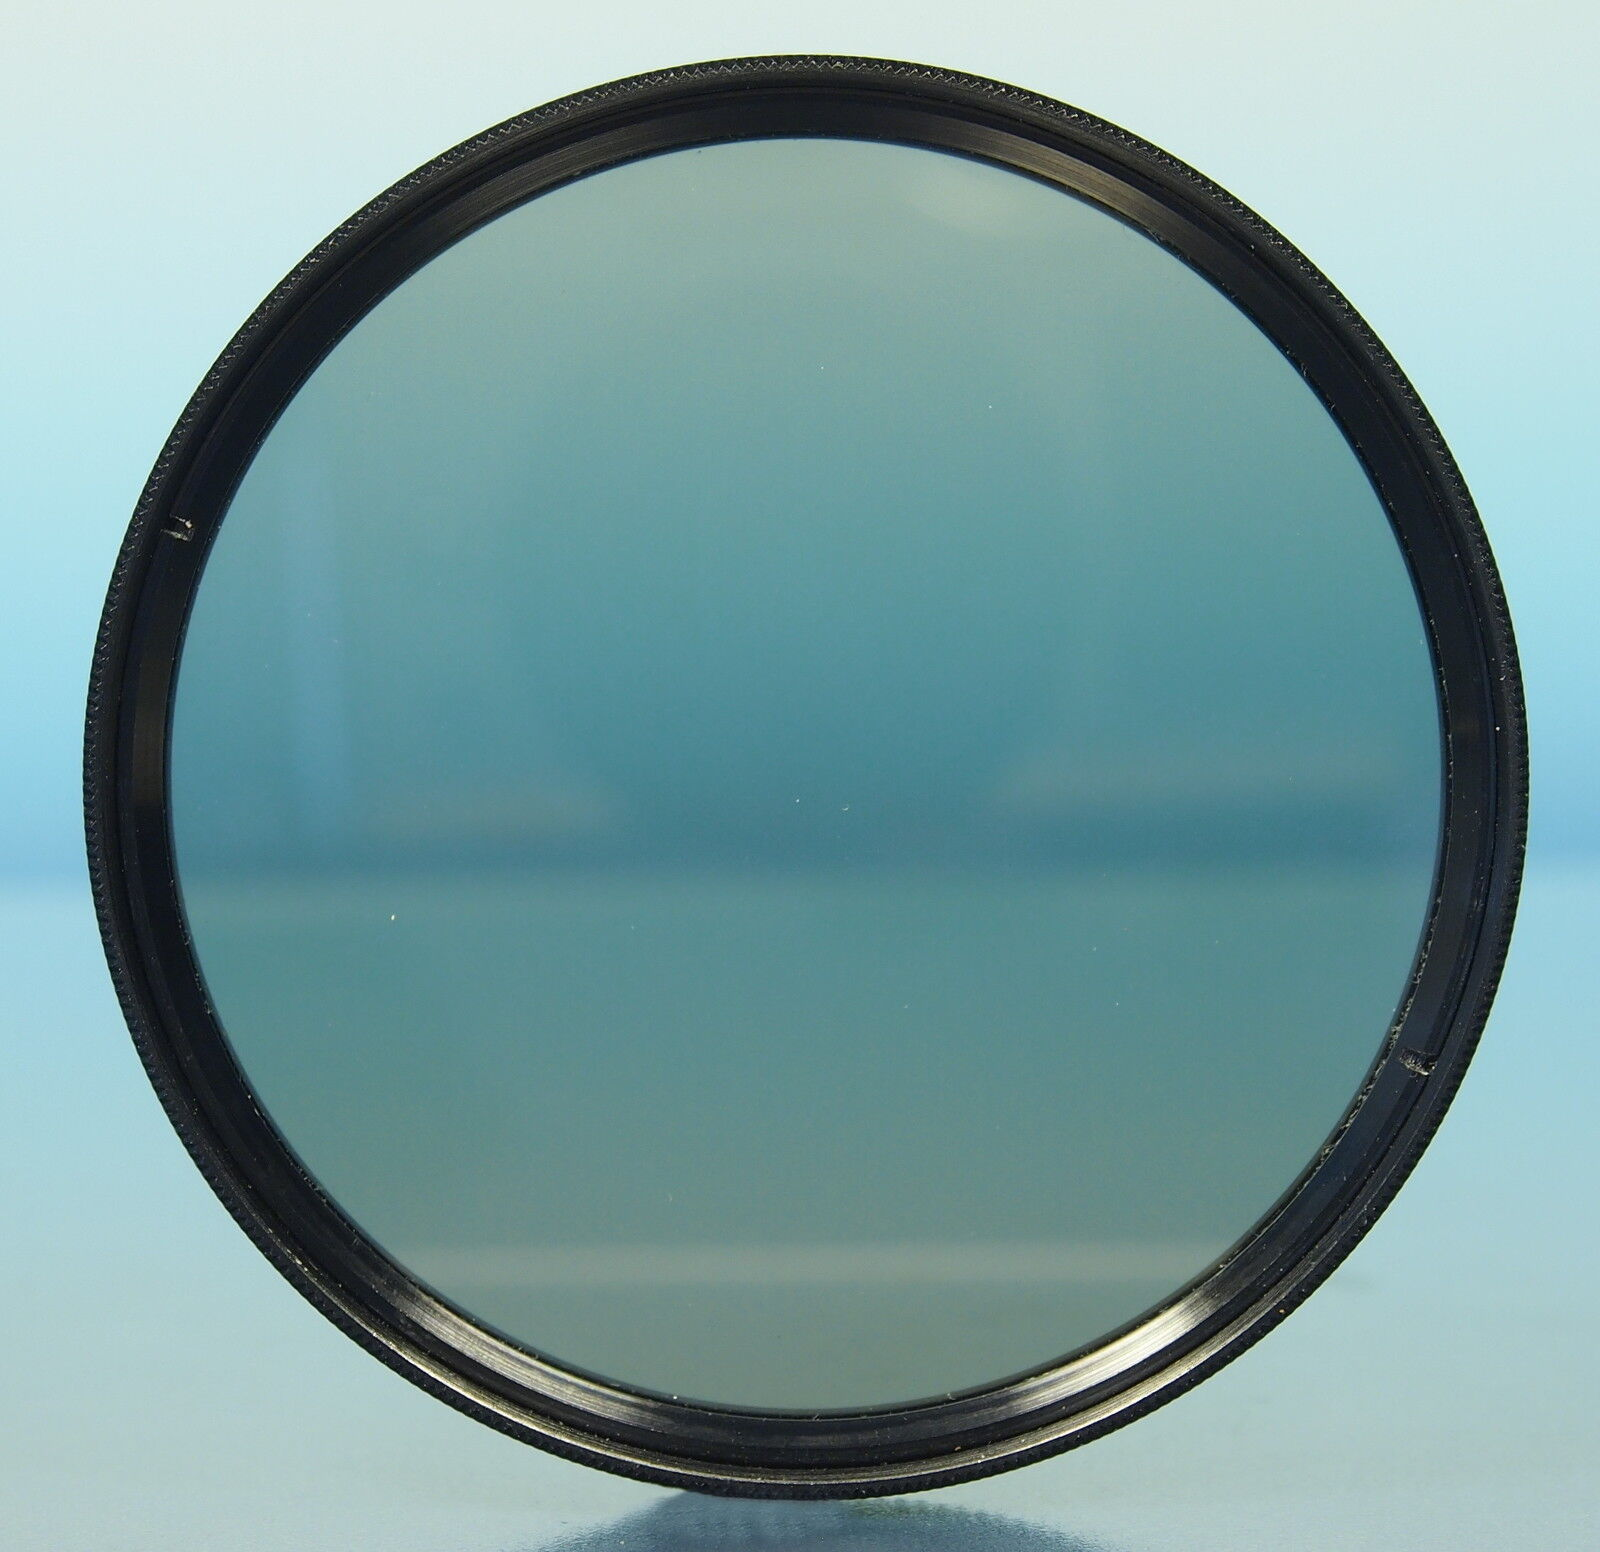 67mm CPL Polfilter Zirkular Polarisationsfilter /& Sonnenblende Gegenlichtblende